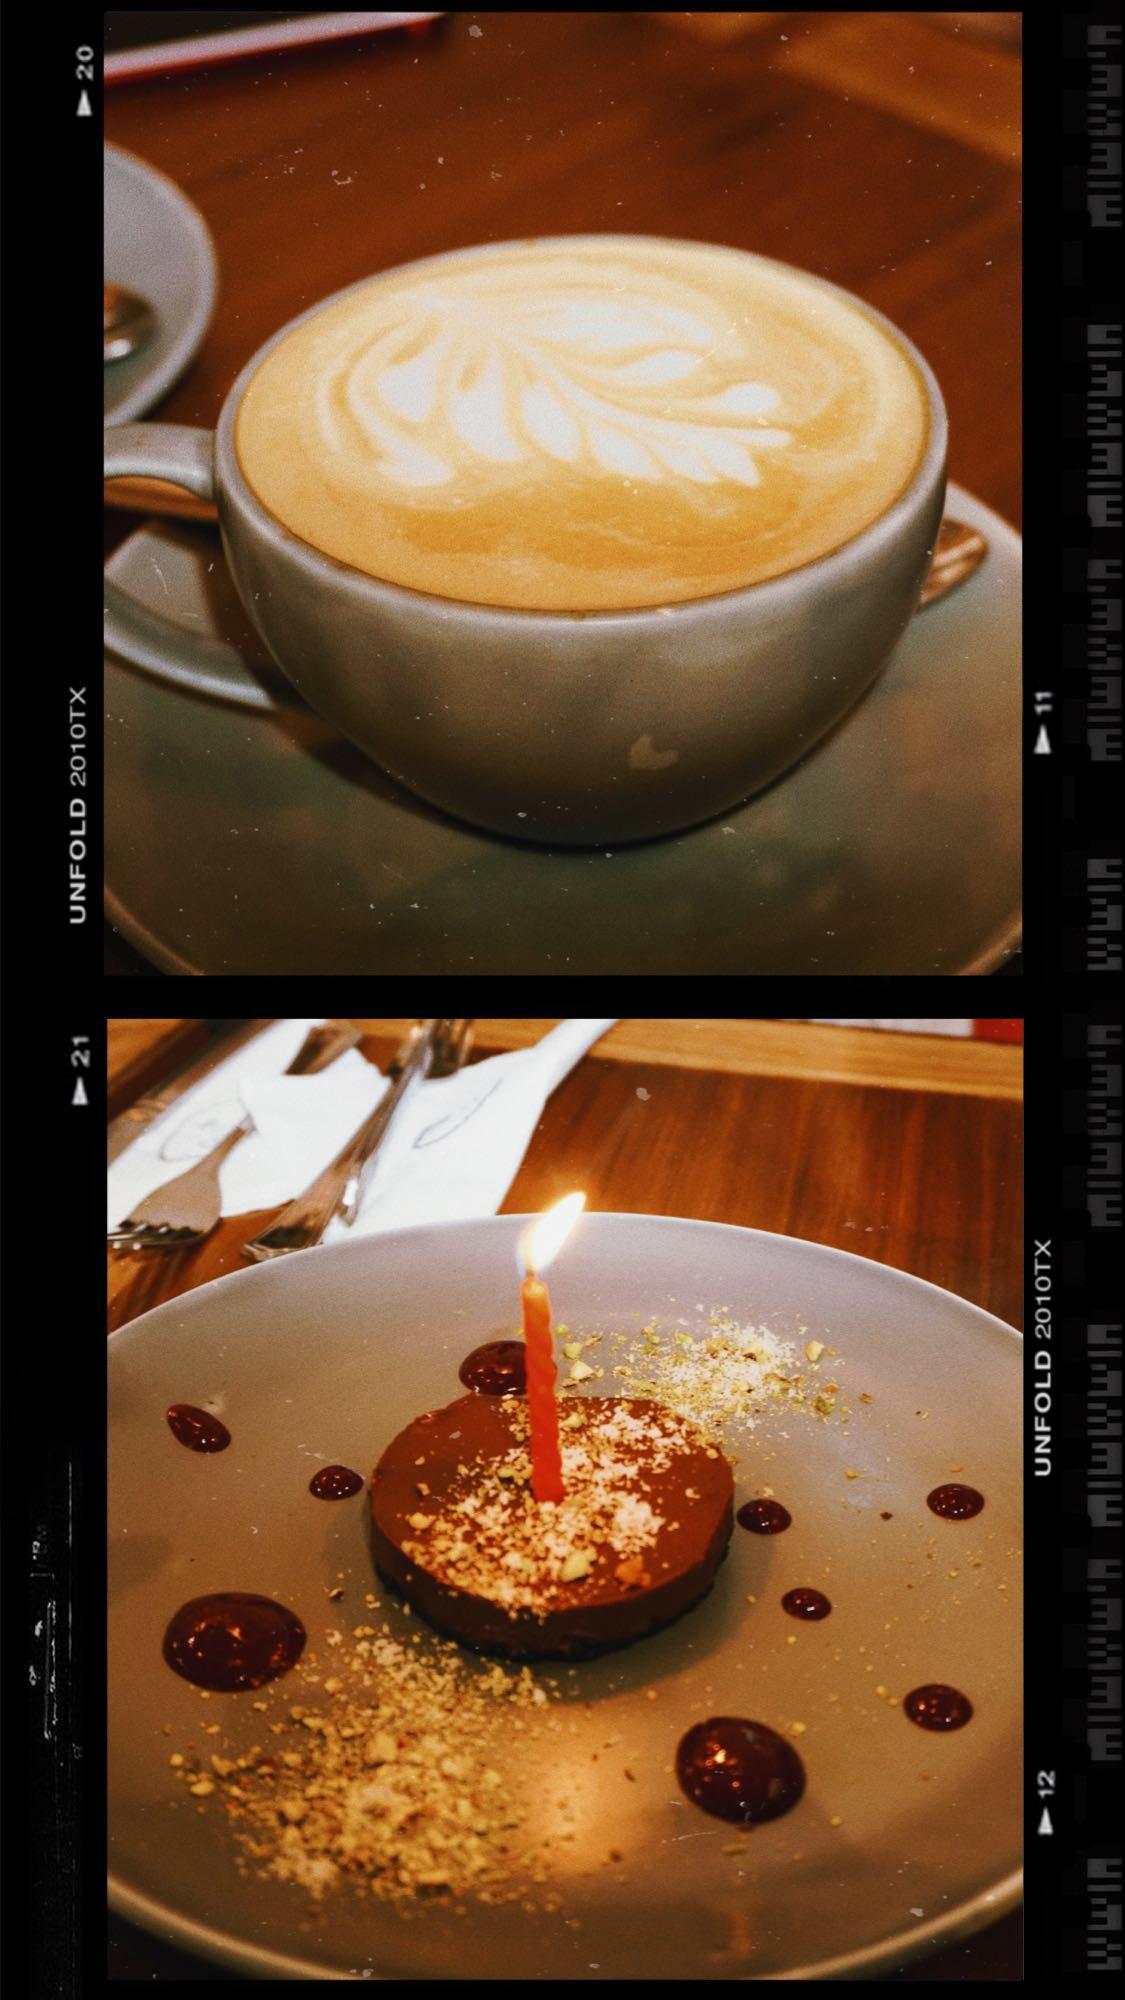 Turning 24 - Coffee & Cake